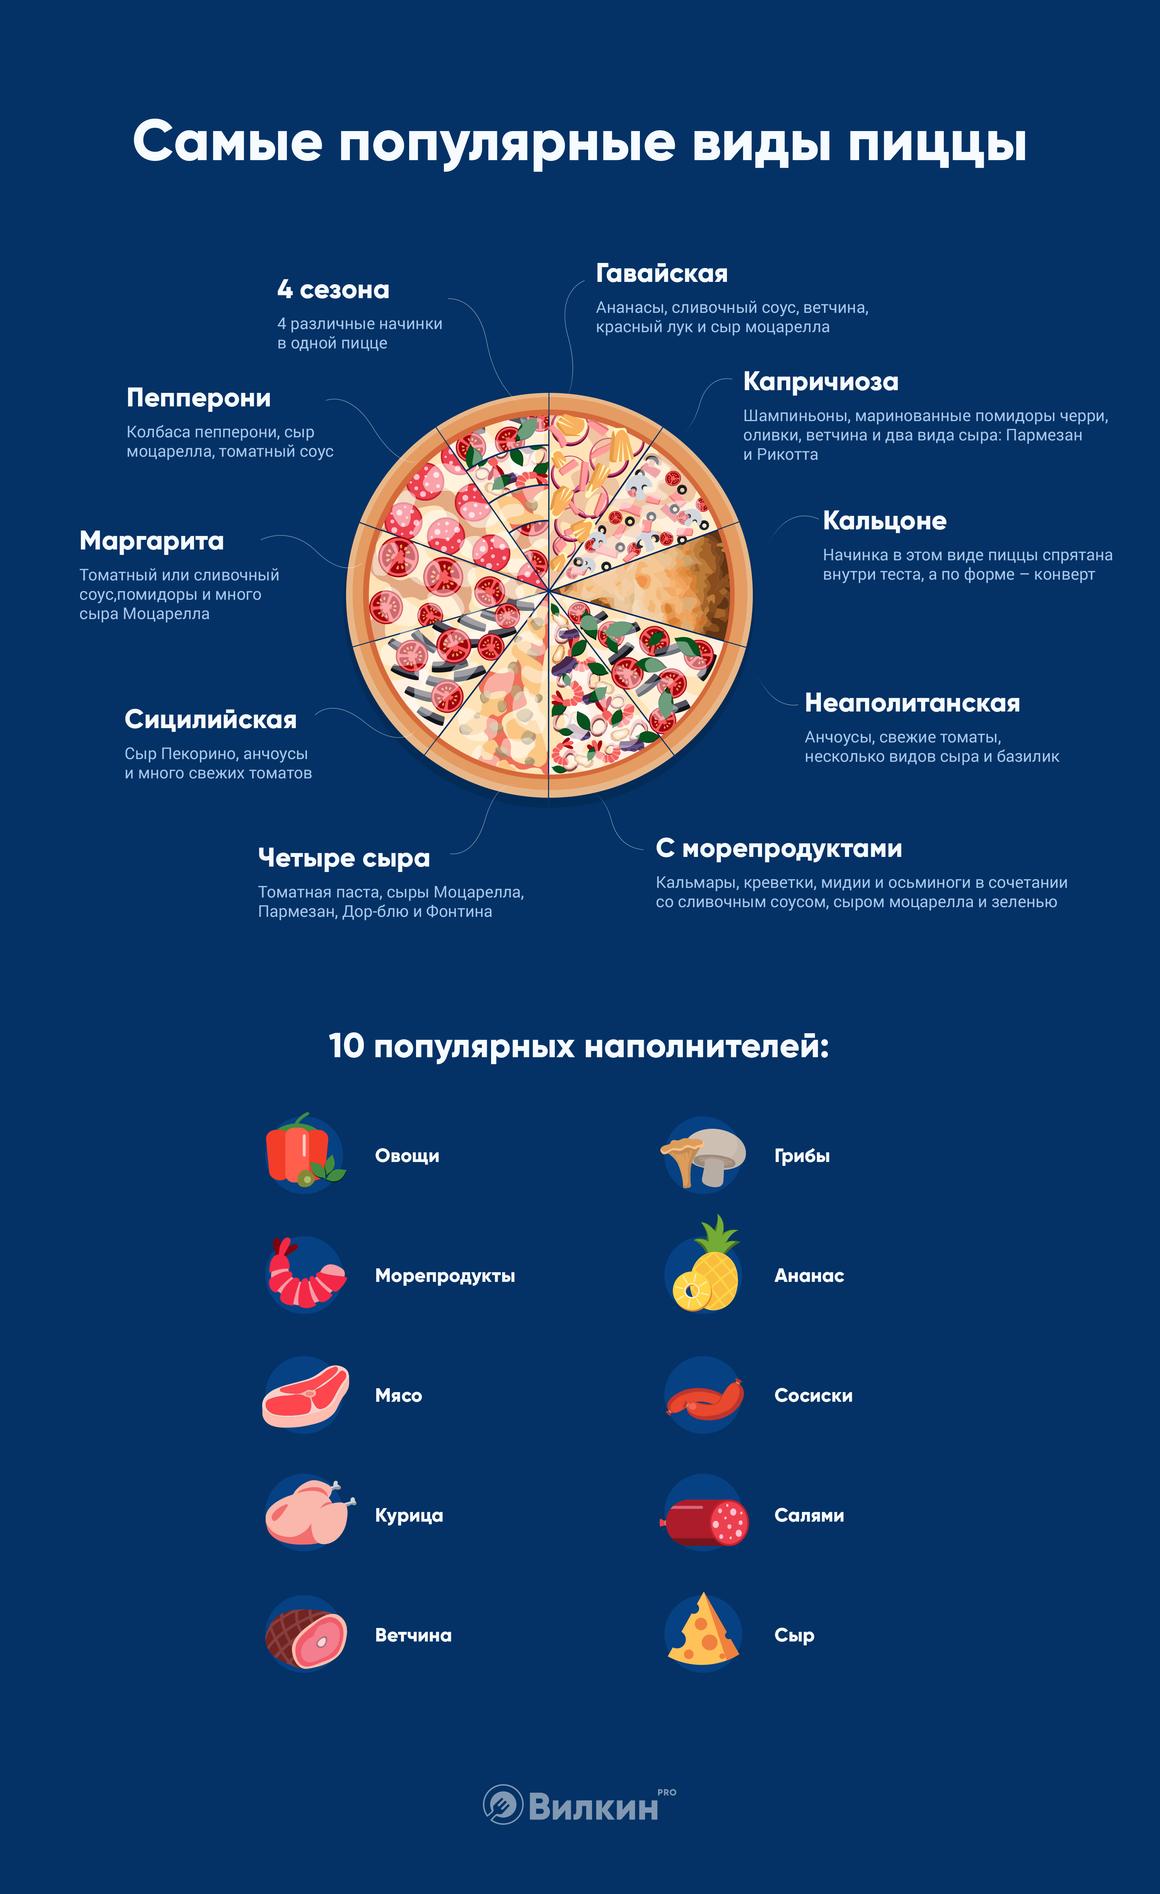 Самые популярные виды пиццы